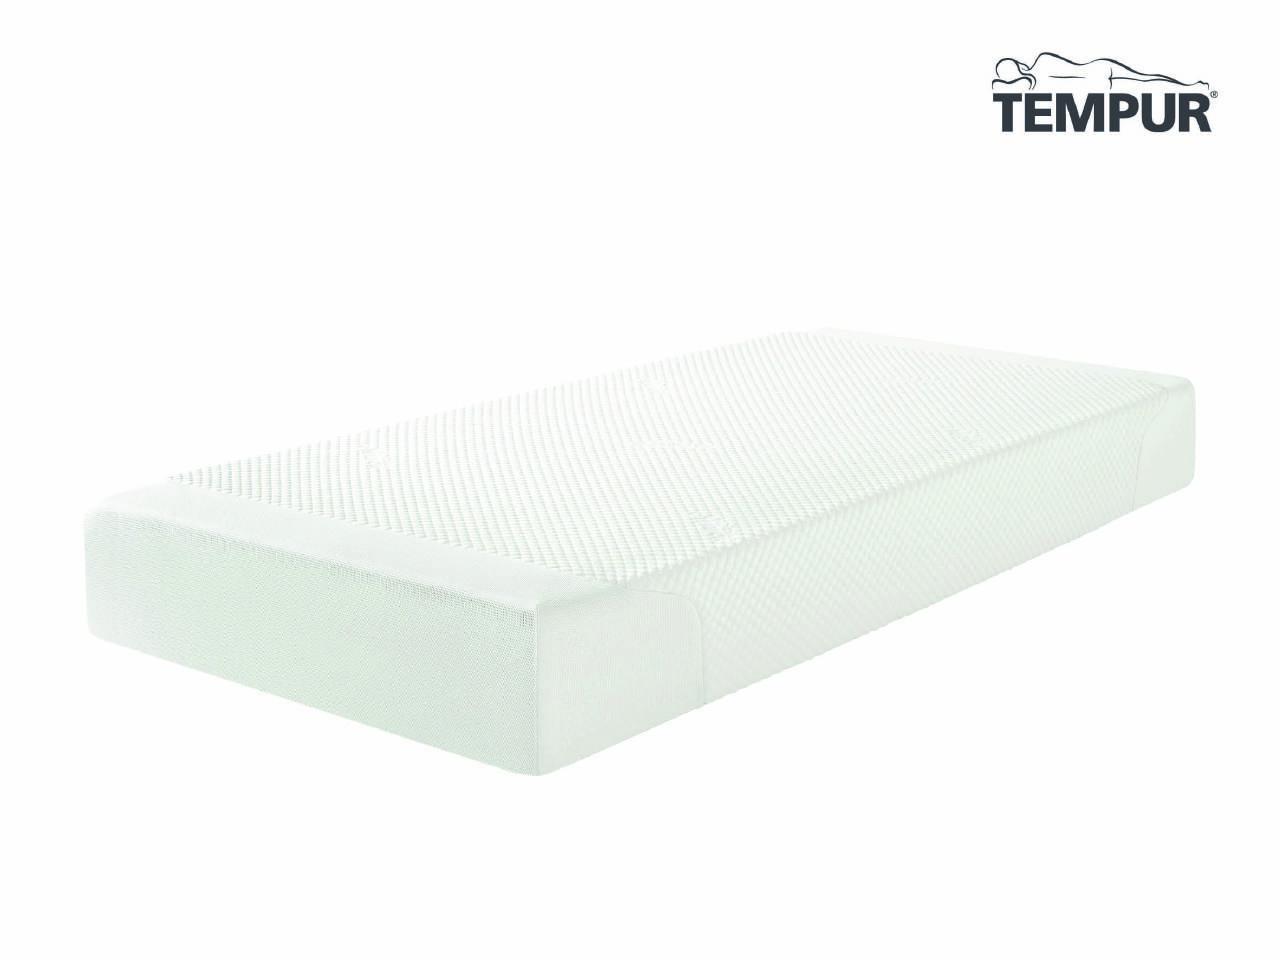 tempur cloud 21 eller tempur original 21 begr nset antal spar 40 sengestudiet. Black Bedroom Furniture Sets. Home Design Ideas